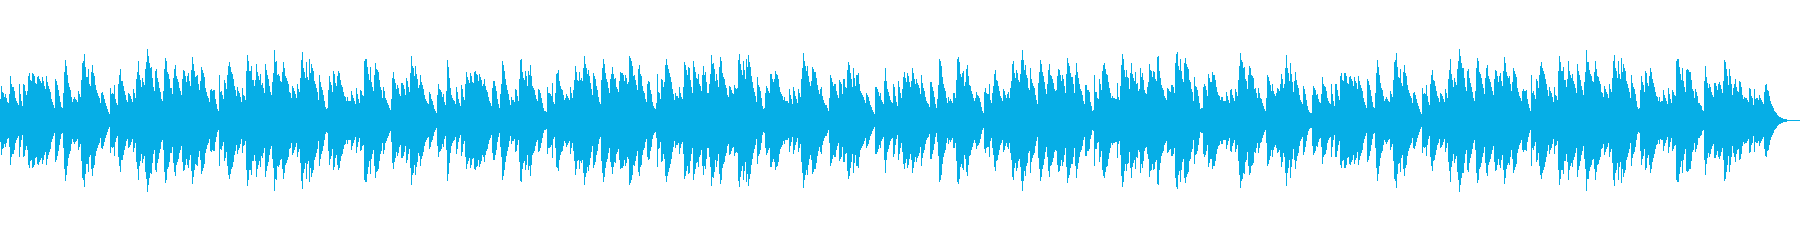 癒しのオルゴール風〜朧月夜〜の再生済みの波形